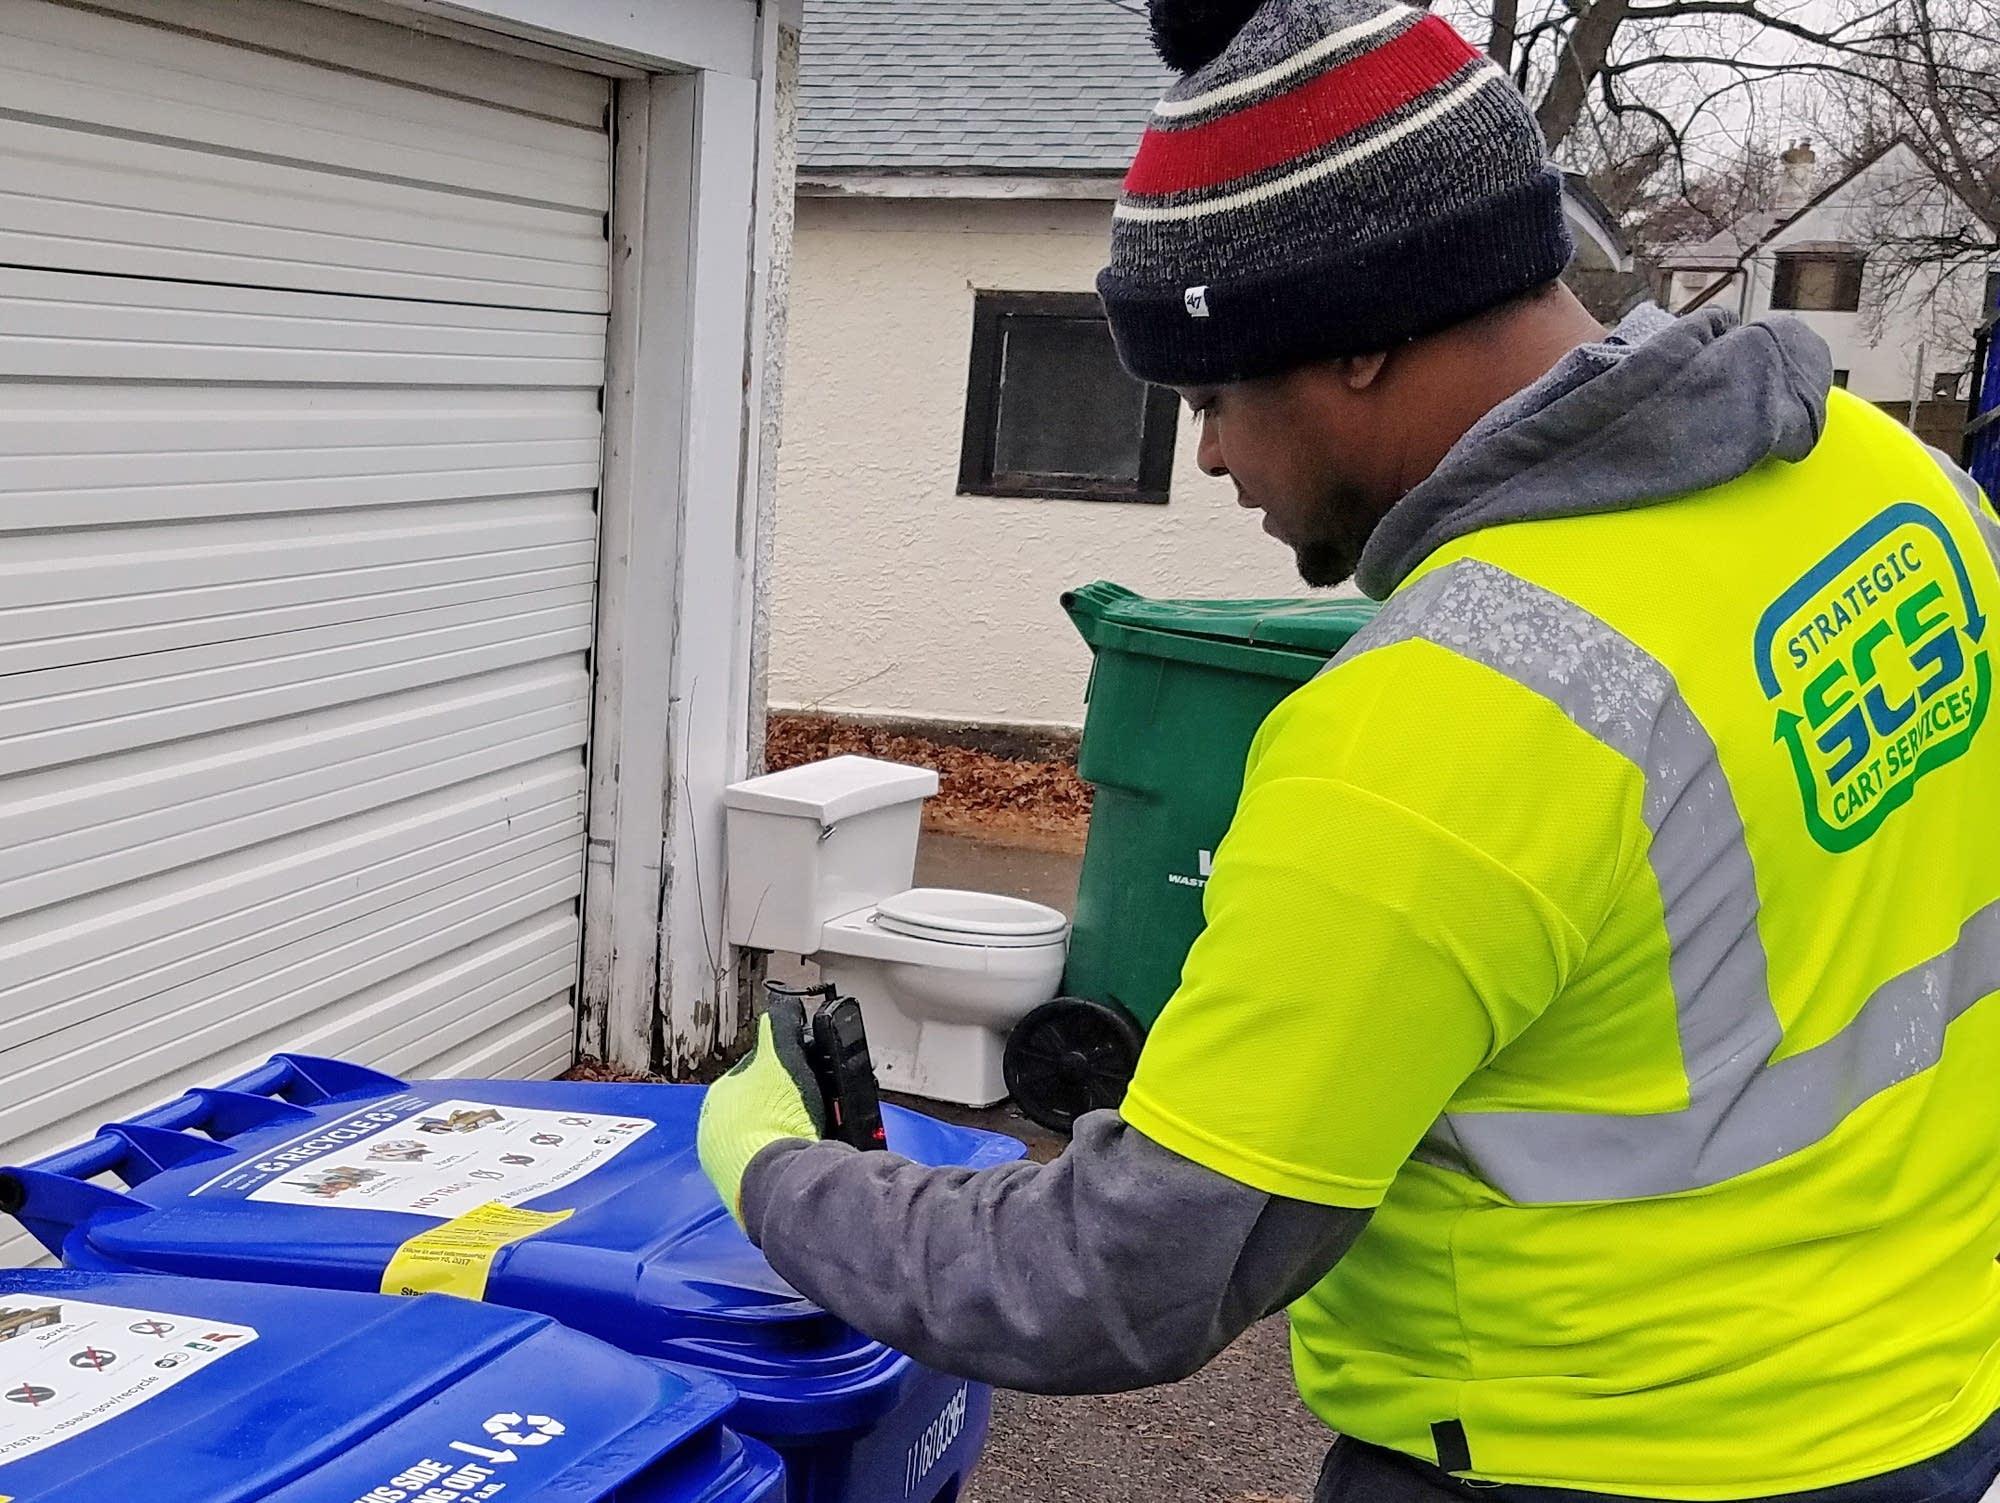 A worker scans a recycling bin in St. Paul.